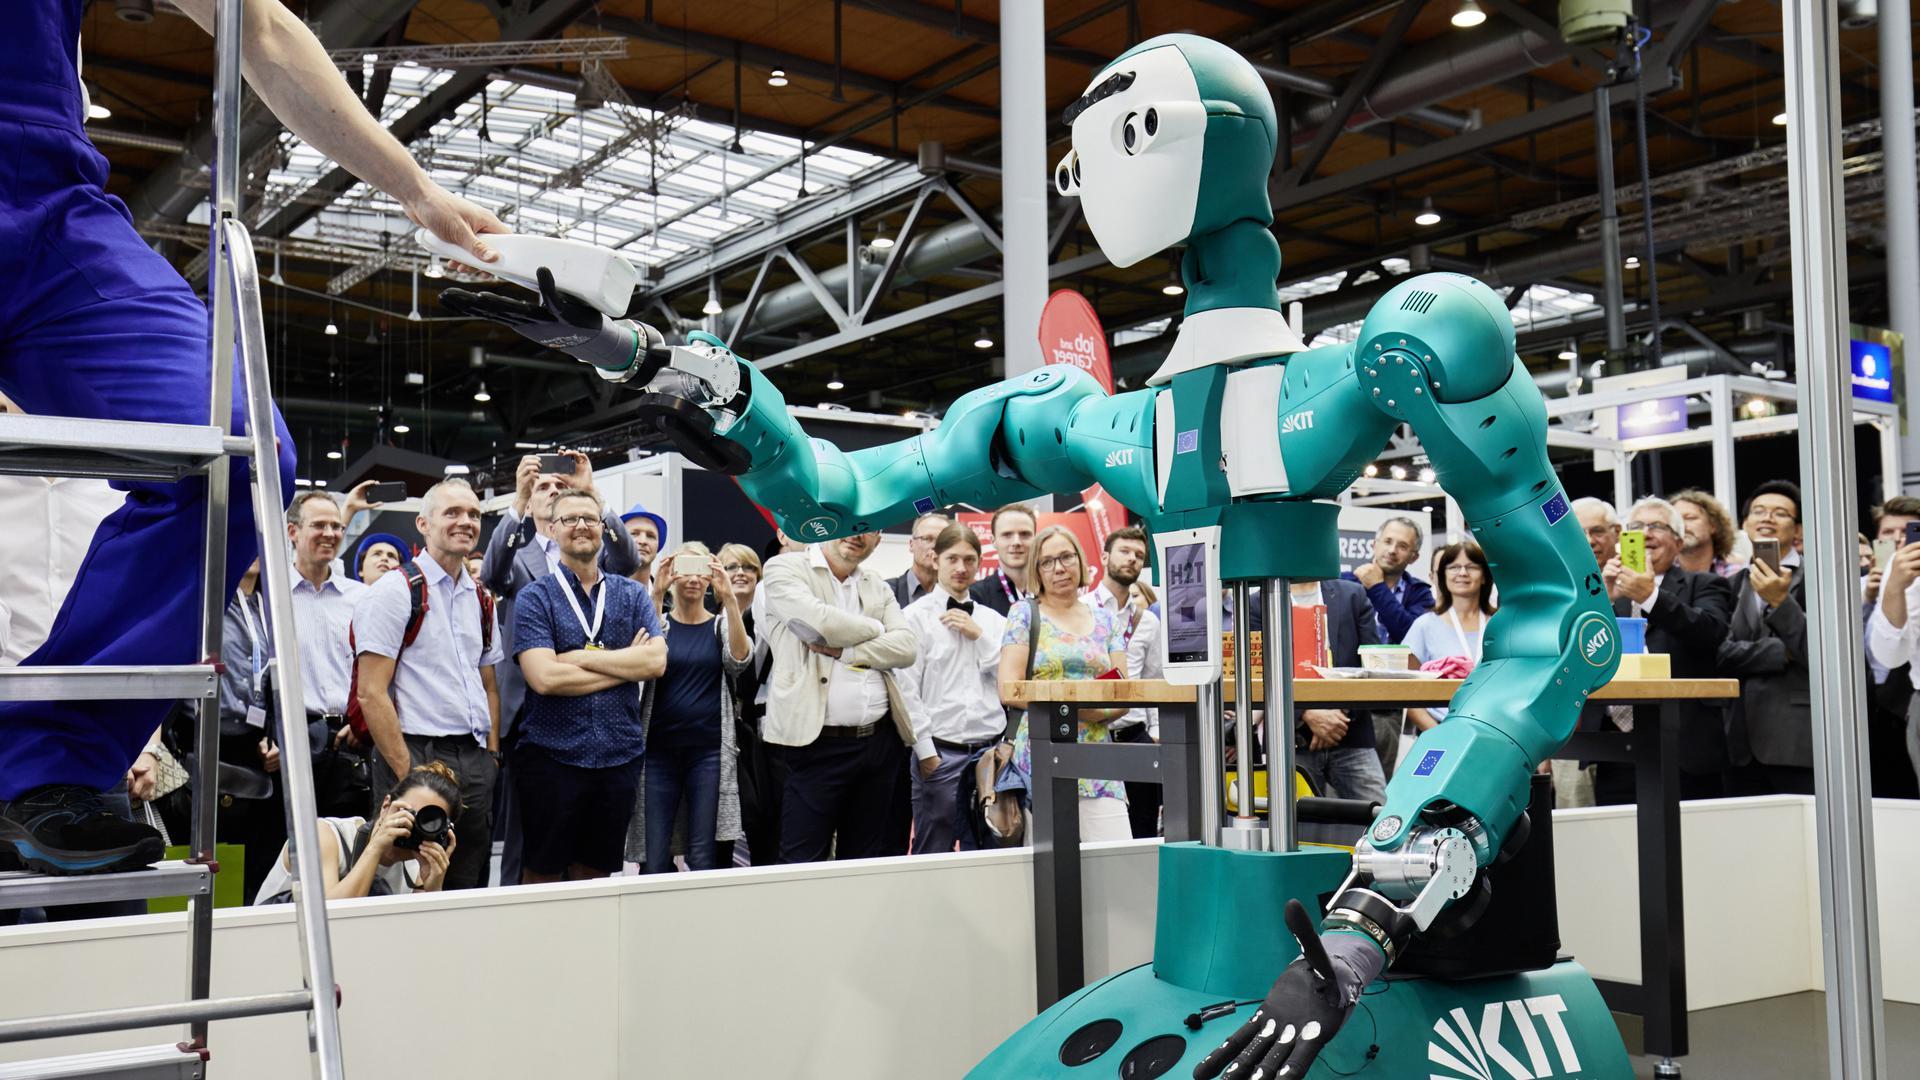 Mit seinem menschenähnlichen Körper kann der humanoide Assistenzroboter ARMAR-6 für den Menschen geschaffene Werkzeuge wie Bohrmaschinen oder Hammer verwenden. Seine künstliche Intelligenz erlaubt es ihm unter anderem, selbstständig Aufgaben im Kontext der Wartung industrieller Anlagen zu übernehmen.